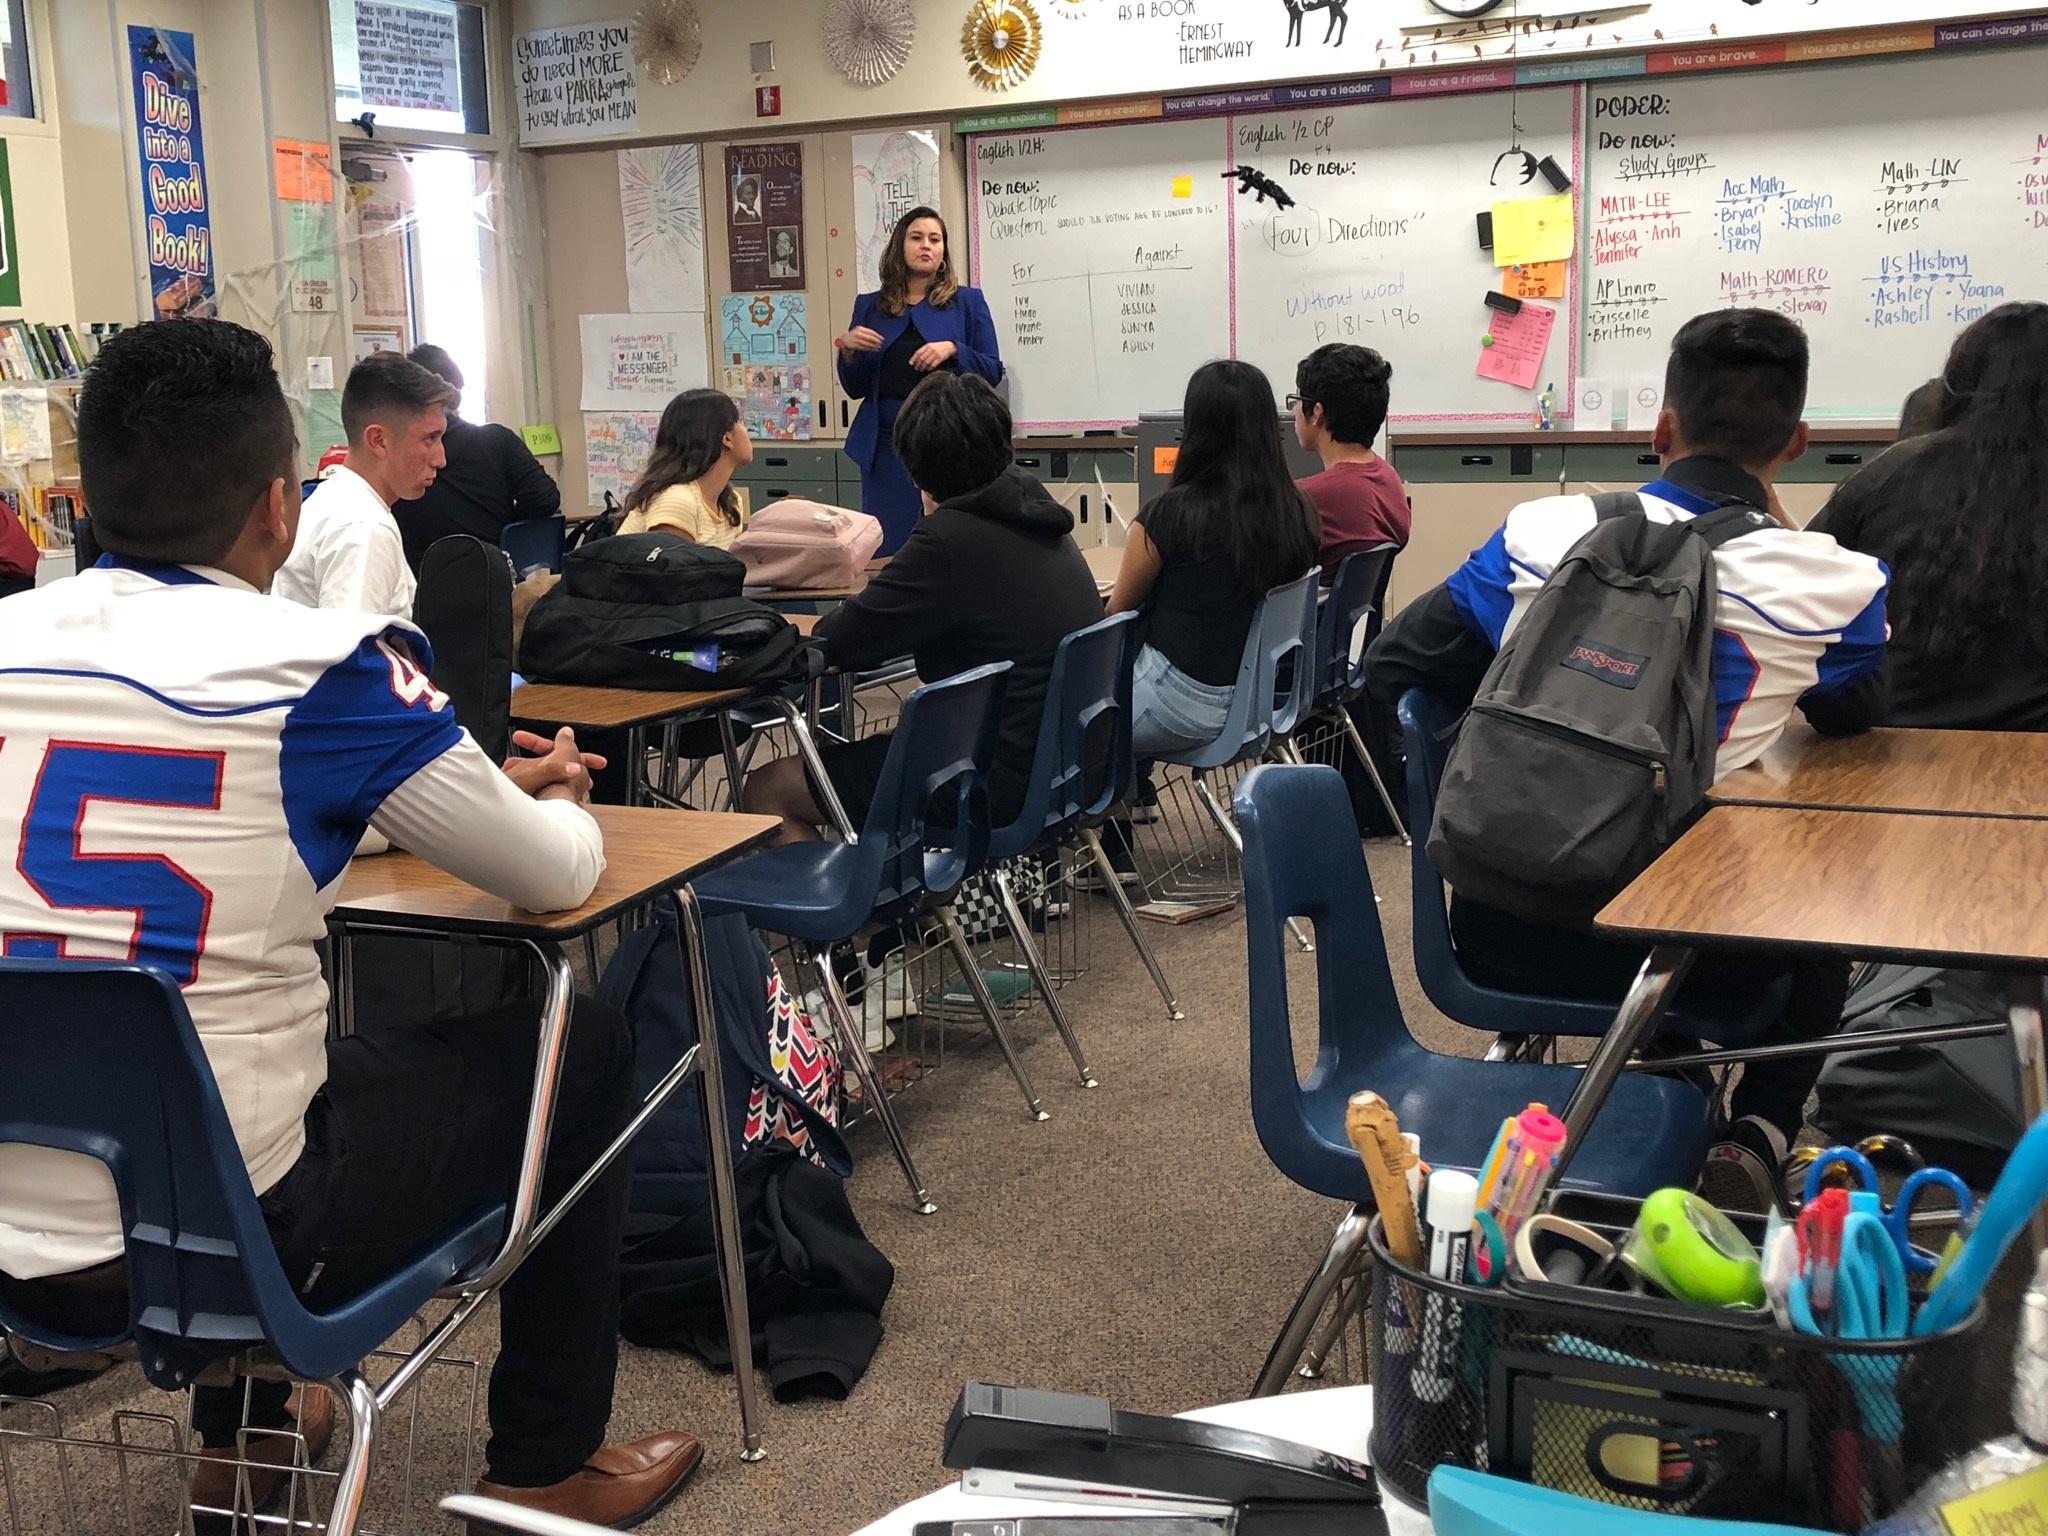 Abogada Michelle Angeles da una charla sobre sus derechos legales a un grupo de estudiantes de preparatoria.